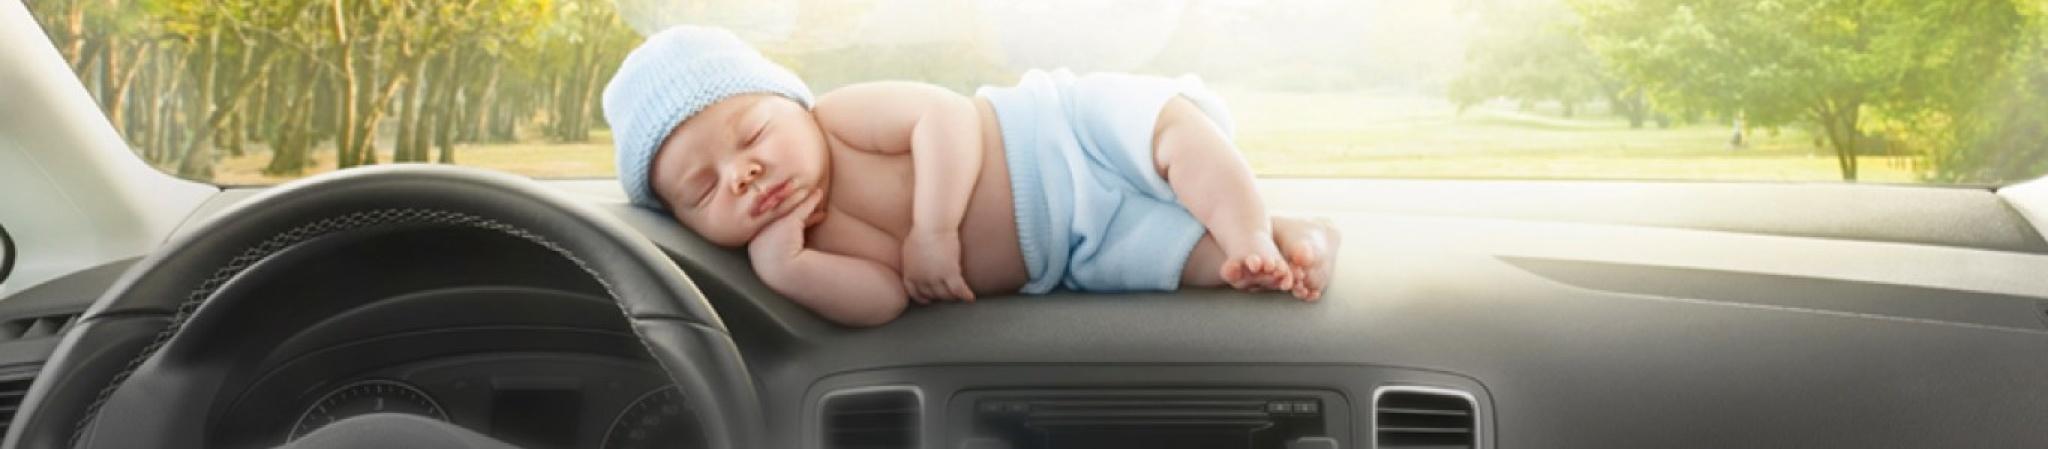 Ozon Virus behandeling van uw wagen.-2021-01-06 13:13:20